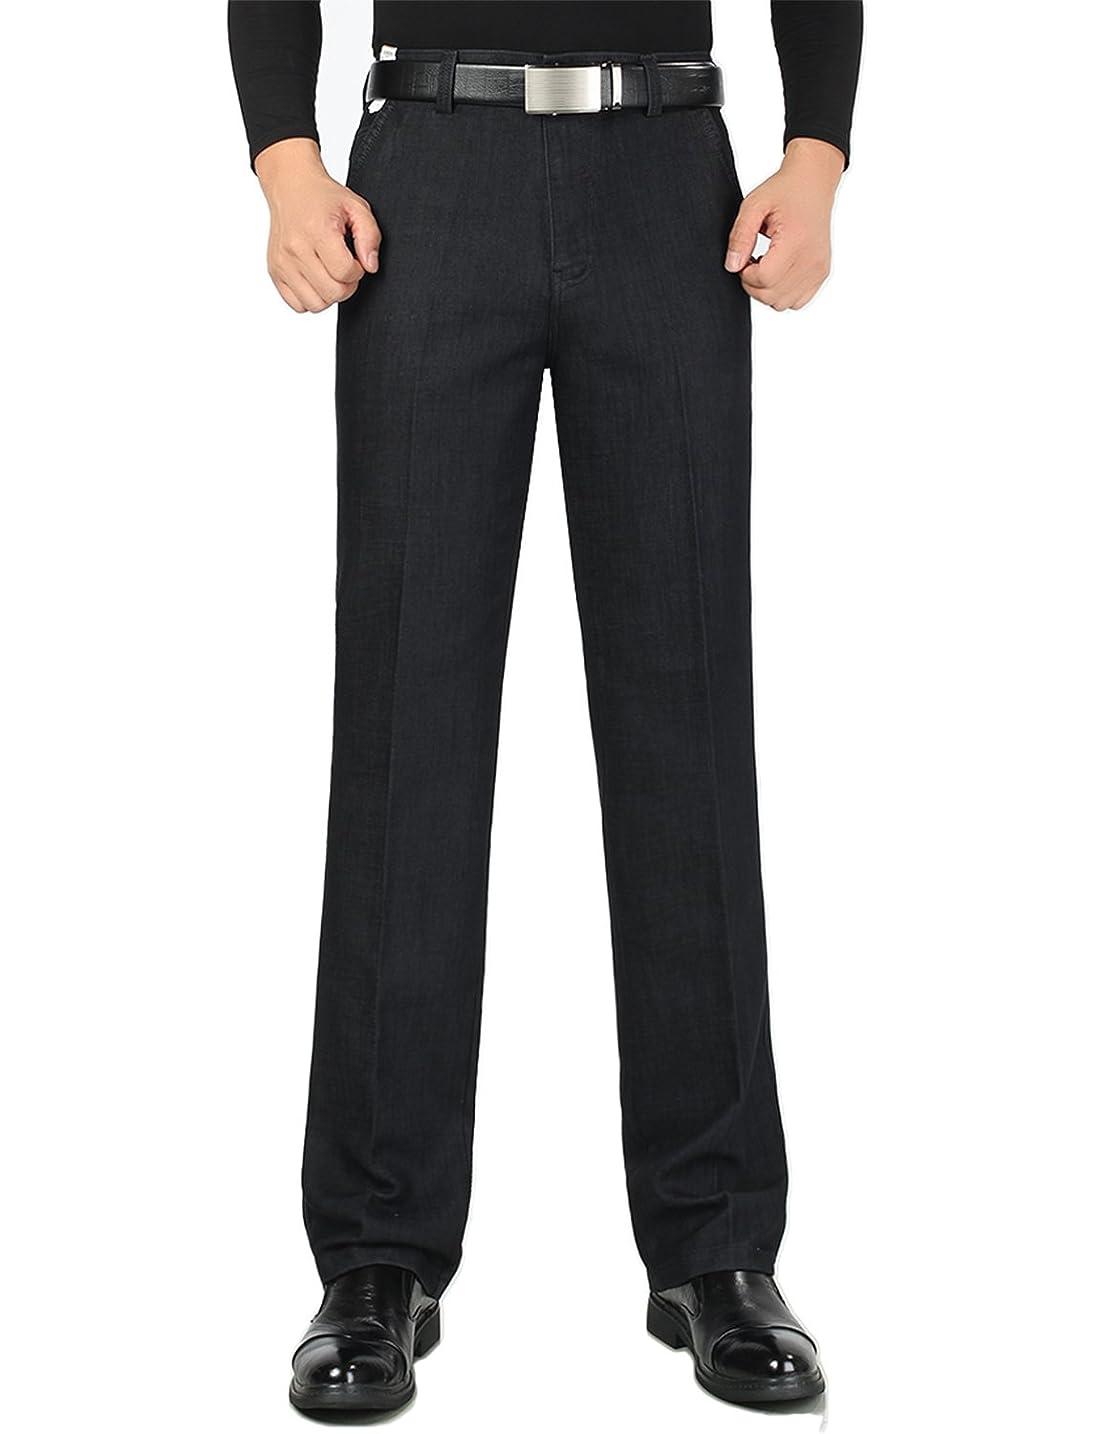 量ヘッジ平らにする[ドレスコード101] ワイシャツ メンズ 半袖 福袋 5枚 セット 形態安定 透けにくい 好印象を与えるS M L LL 3L 大きいサイズまで 半袖シャツ